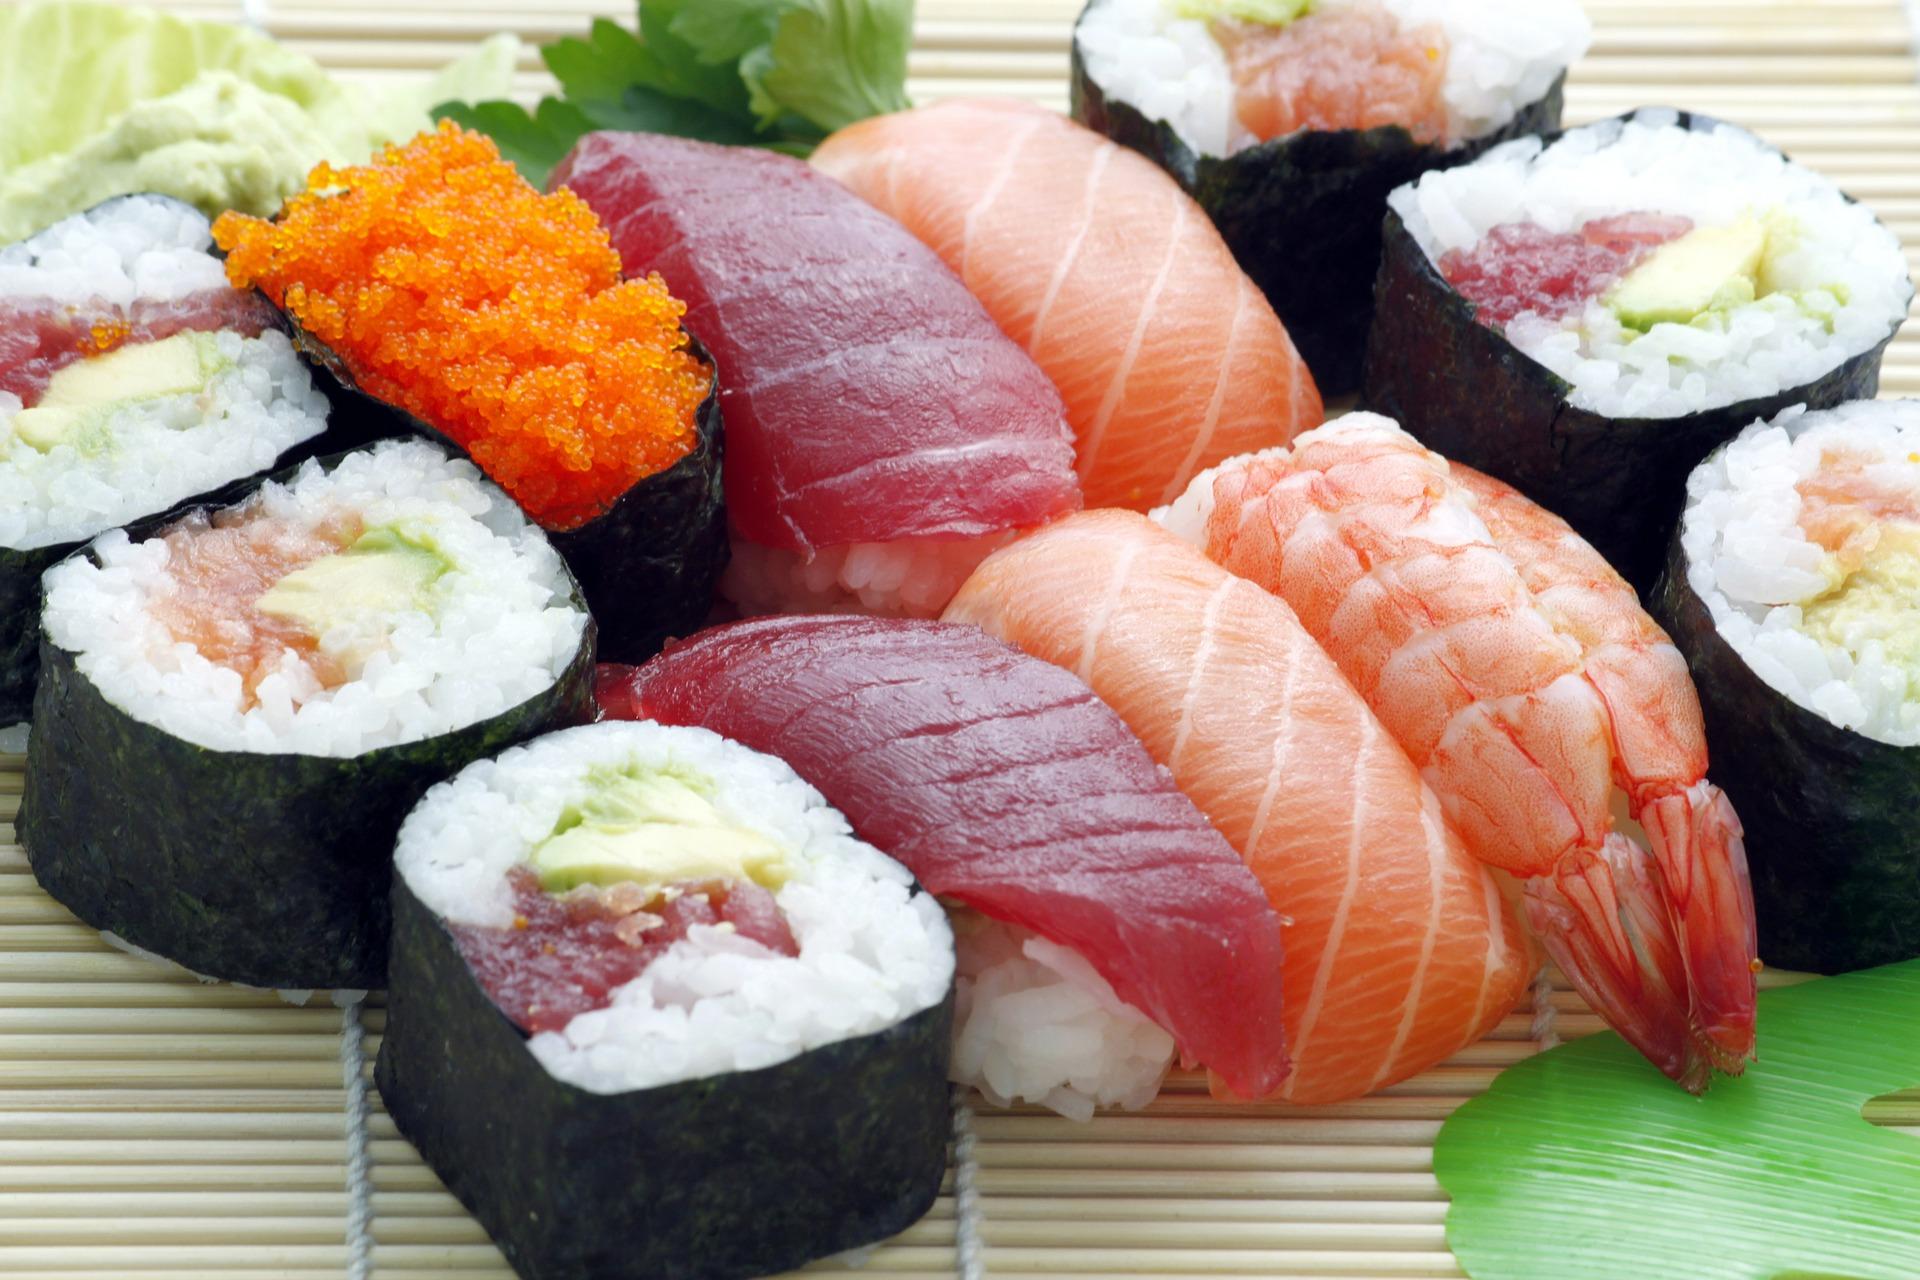 WWF опубликовало экологическое руководство для покупателей рыбы в России